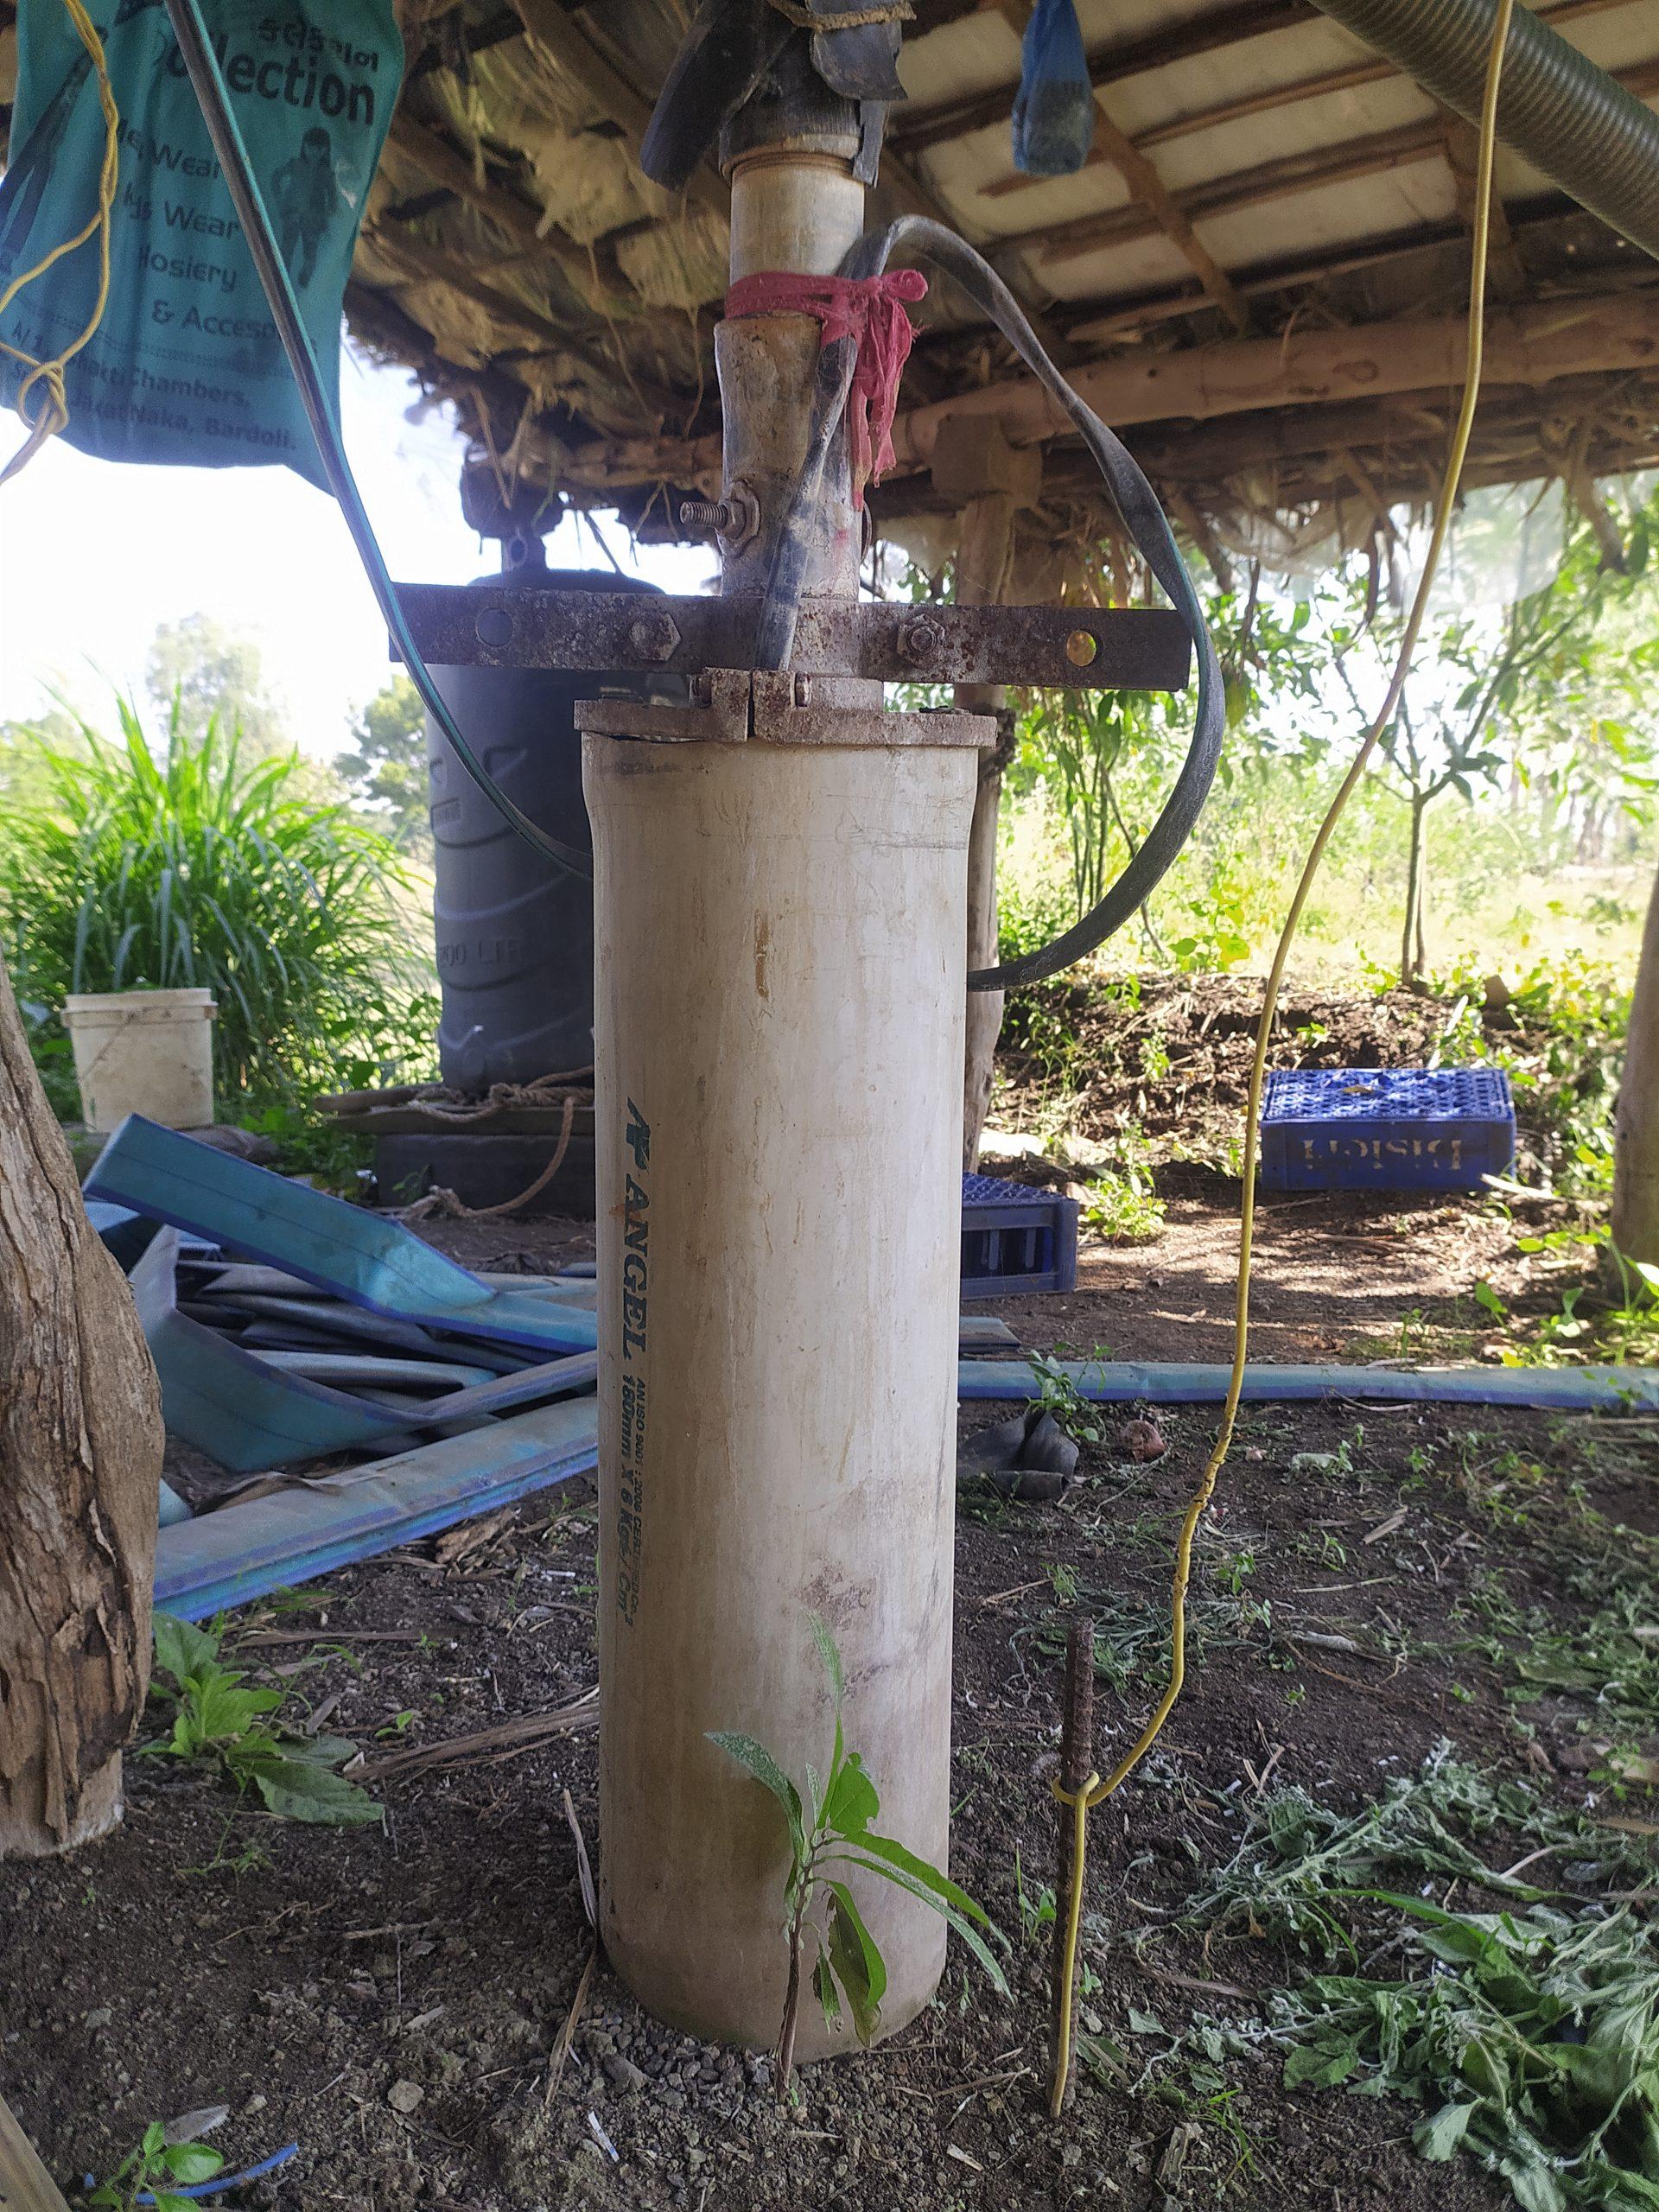 A borewell pump